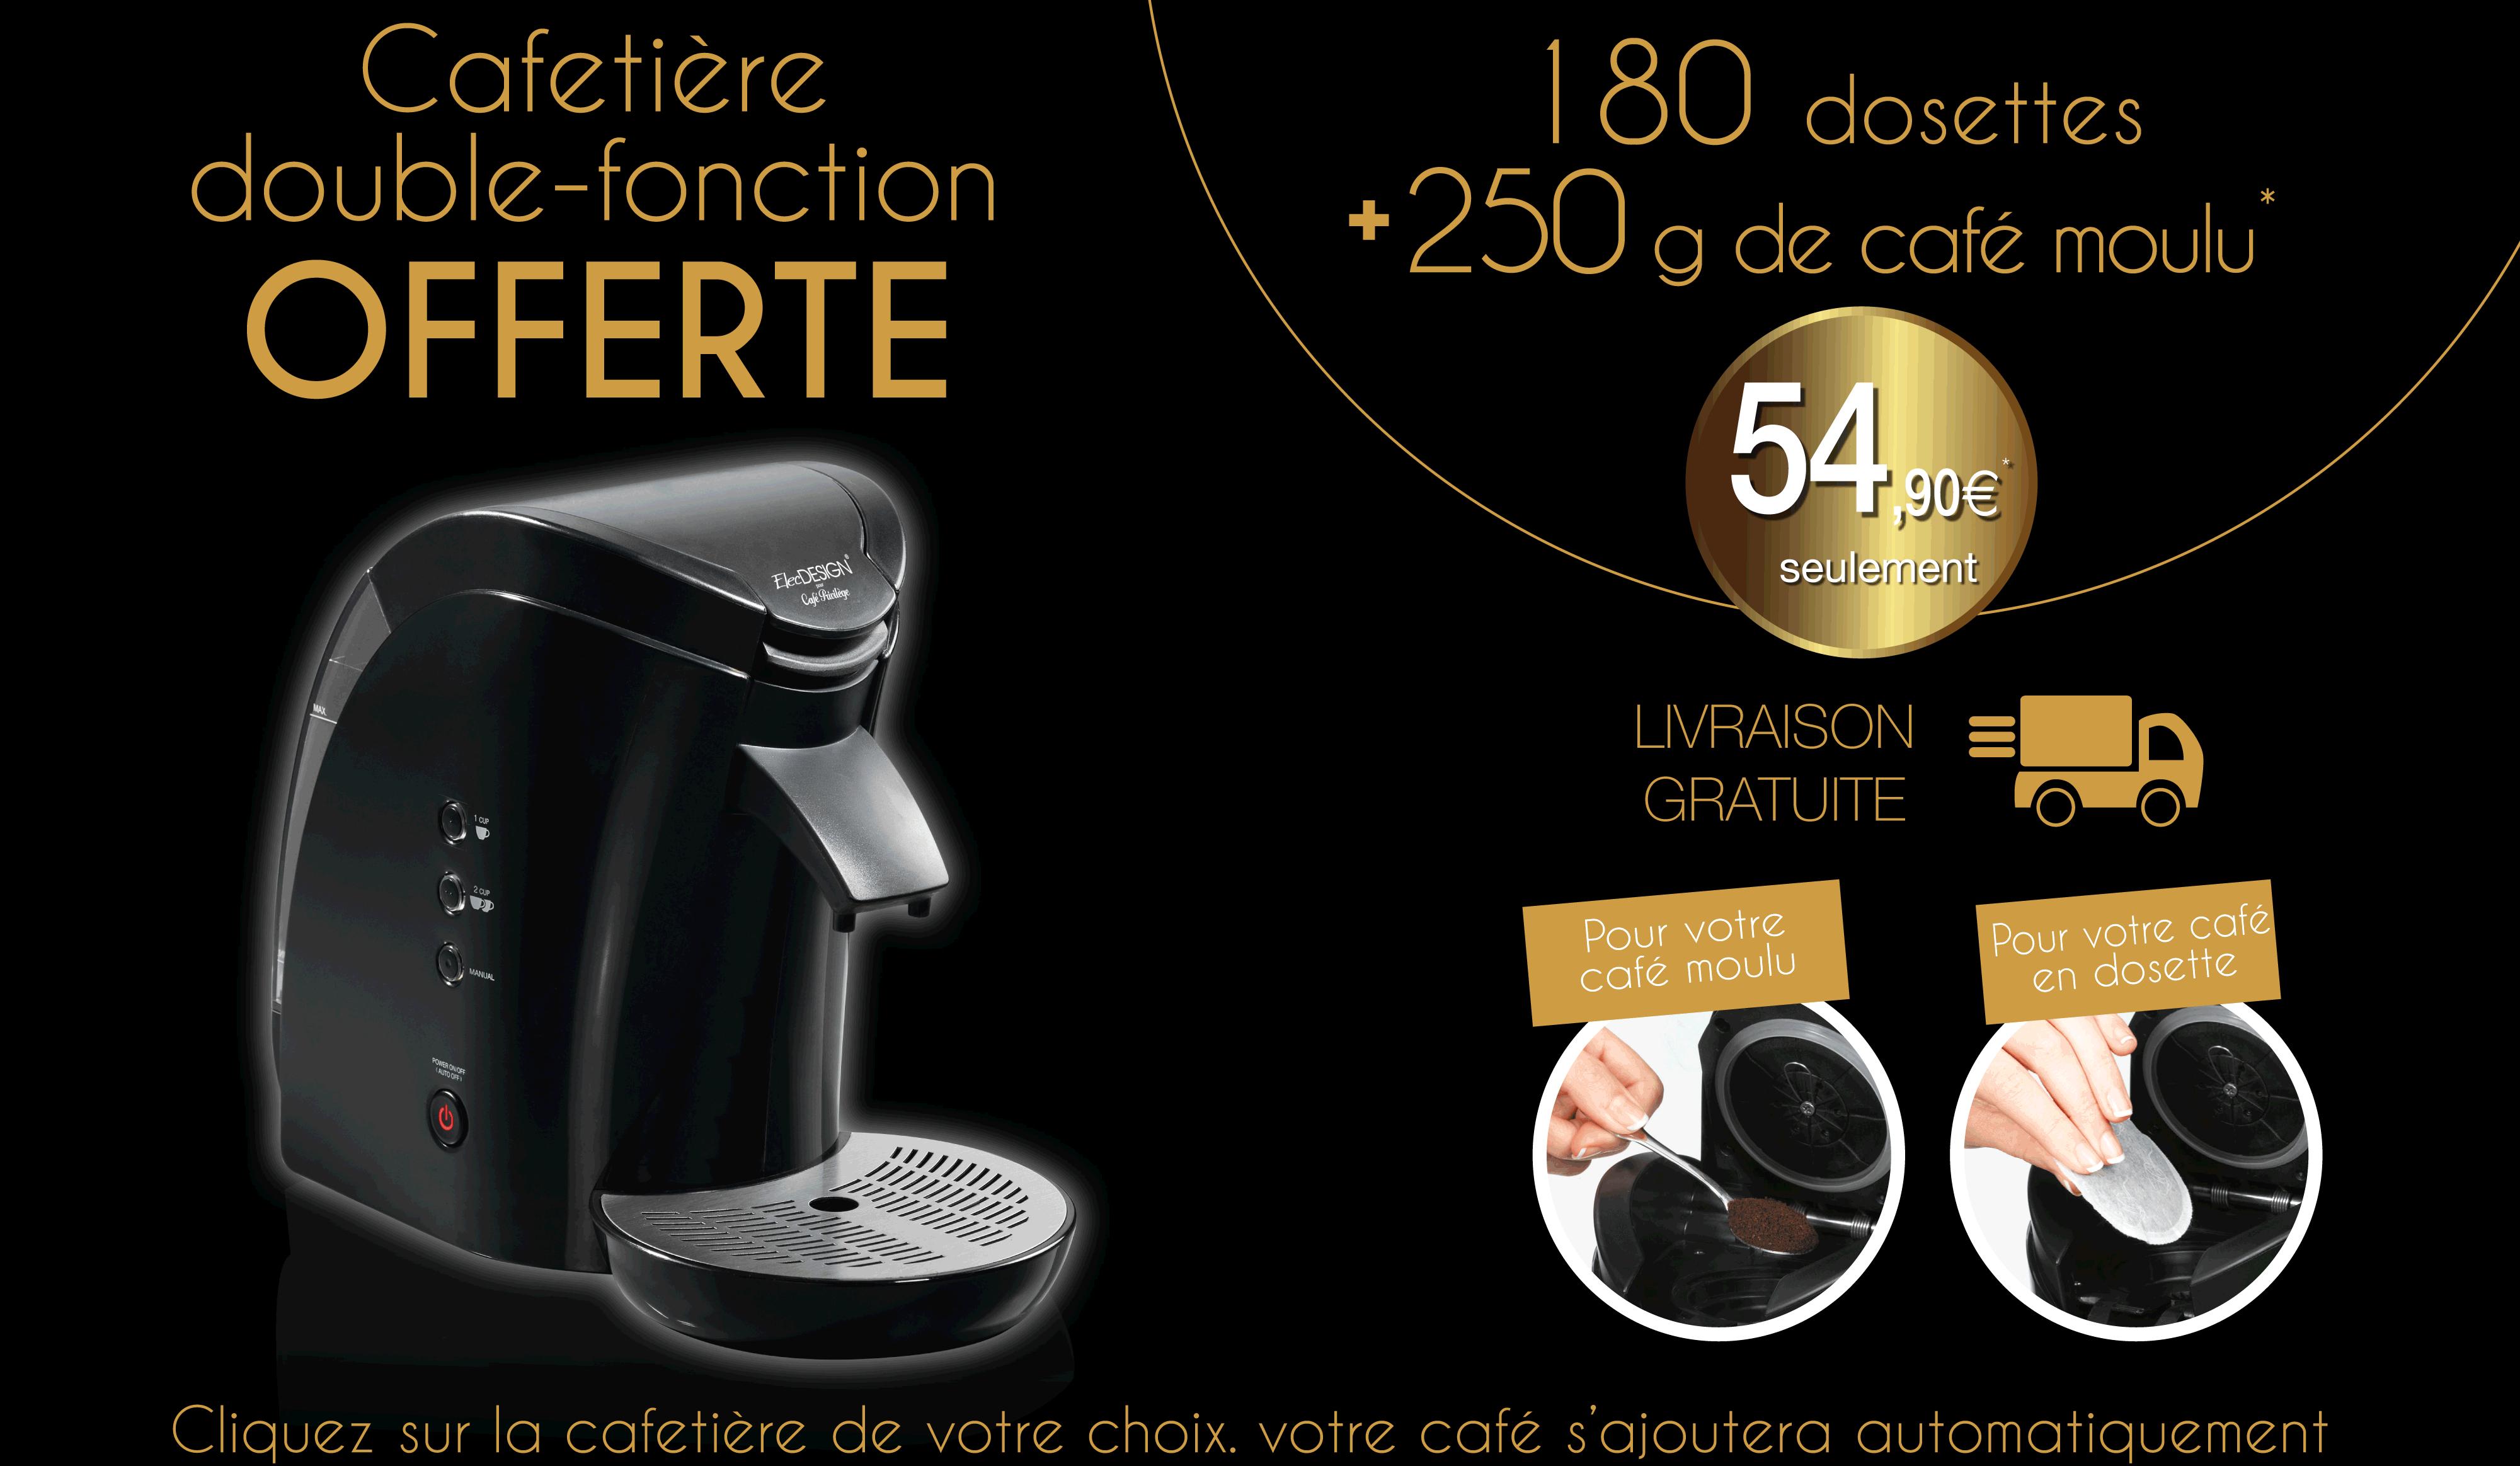 Cafetière double fonction + 250g Café Moulu  + 180 dosettes classique (1.25Kg)